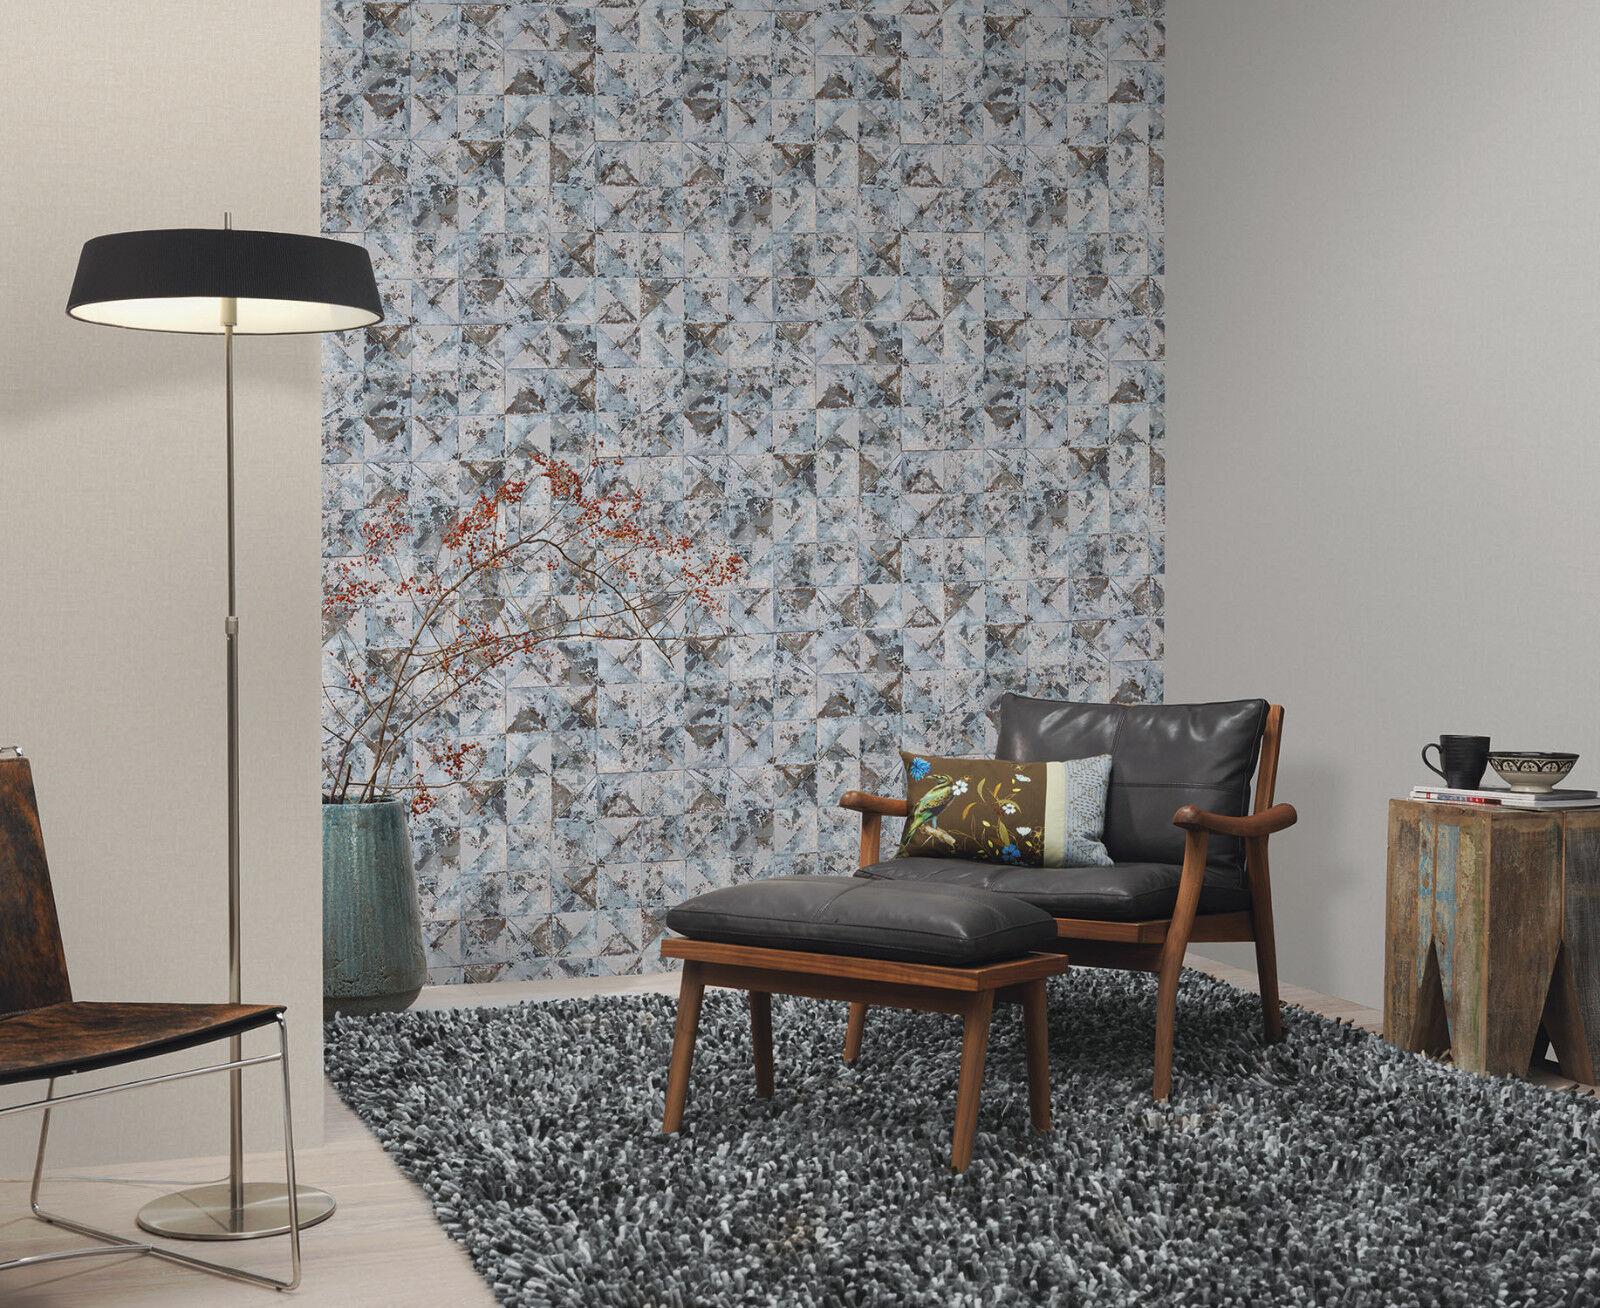 Vlies tapete beton mosaik fliesen kacheln grau silber for Tapete schwarz grau